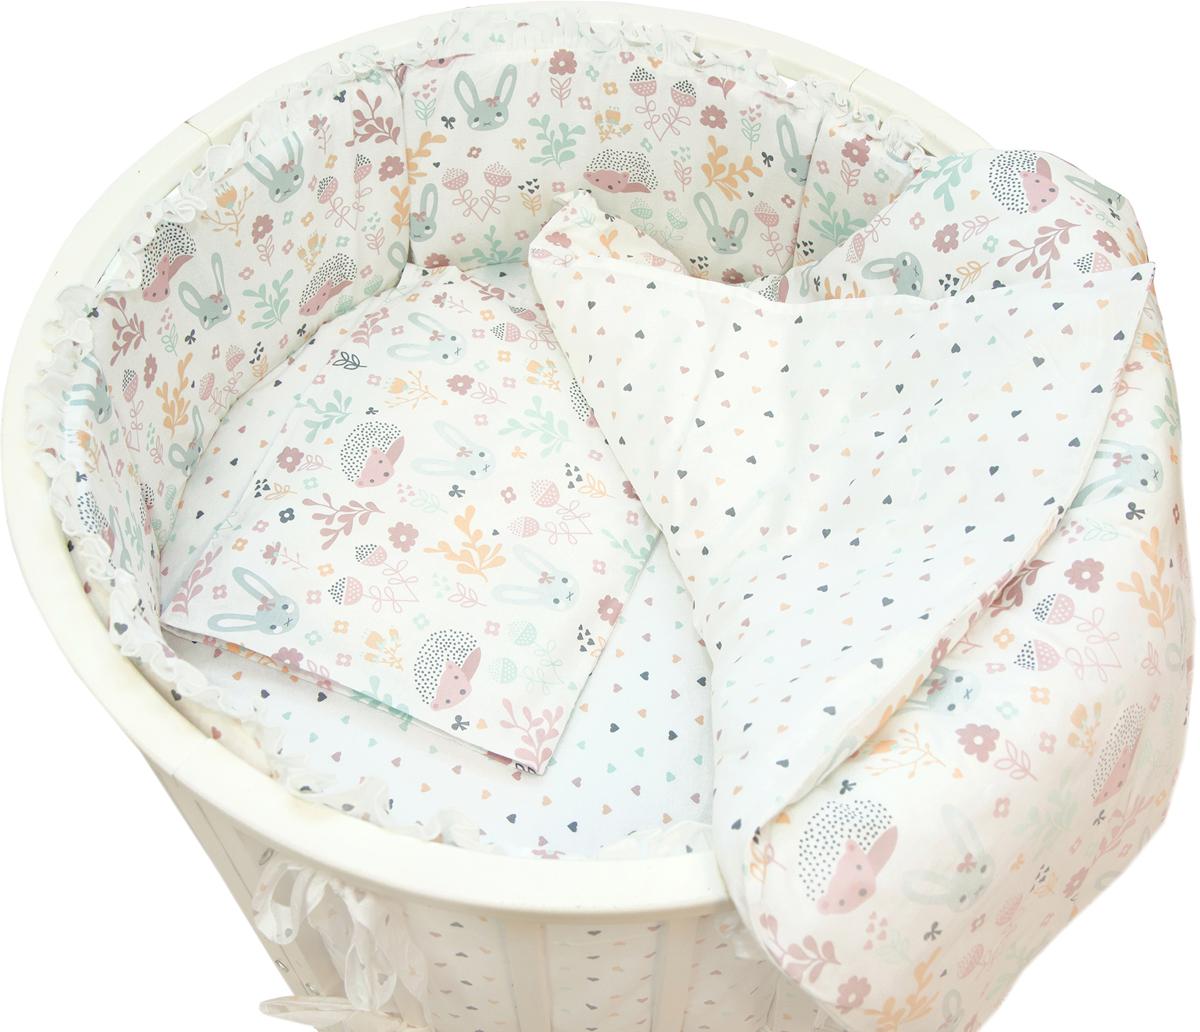 Baby Nice Комплект постельного белья детский Лесная поляна цвет бежевый C431/1C431/1Постельное бельё, сшито из качественной бязи импортного производства. Бельё не деформируется, цвет не выстирывается.